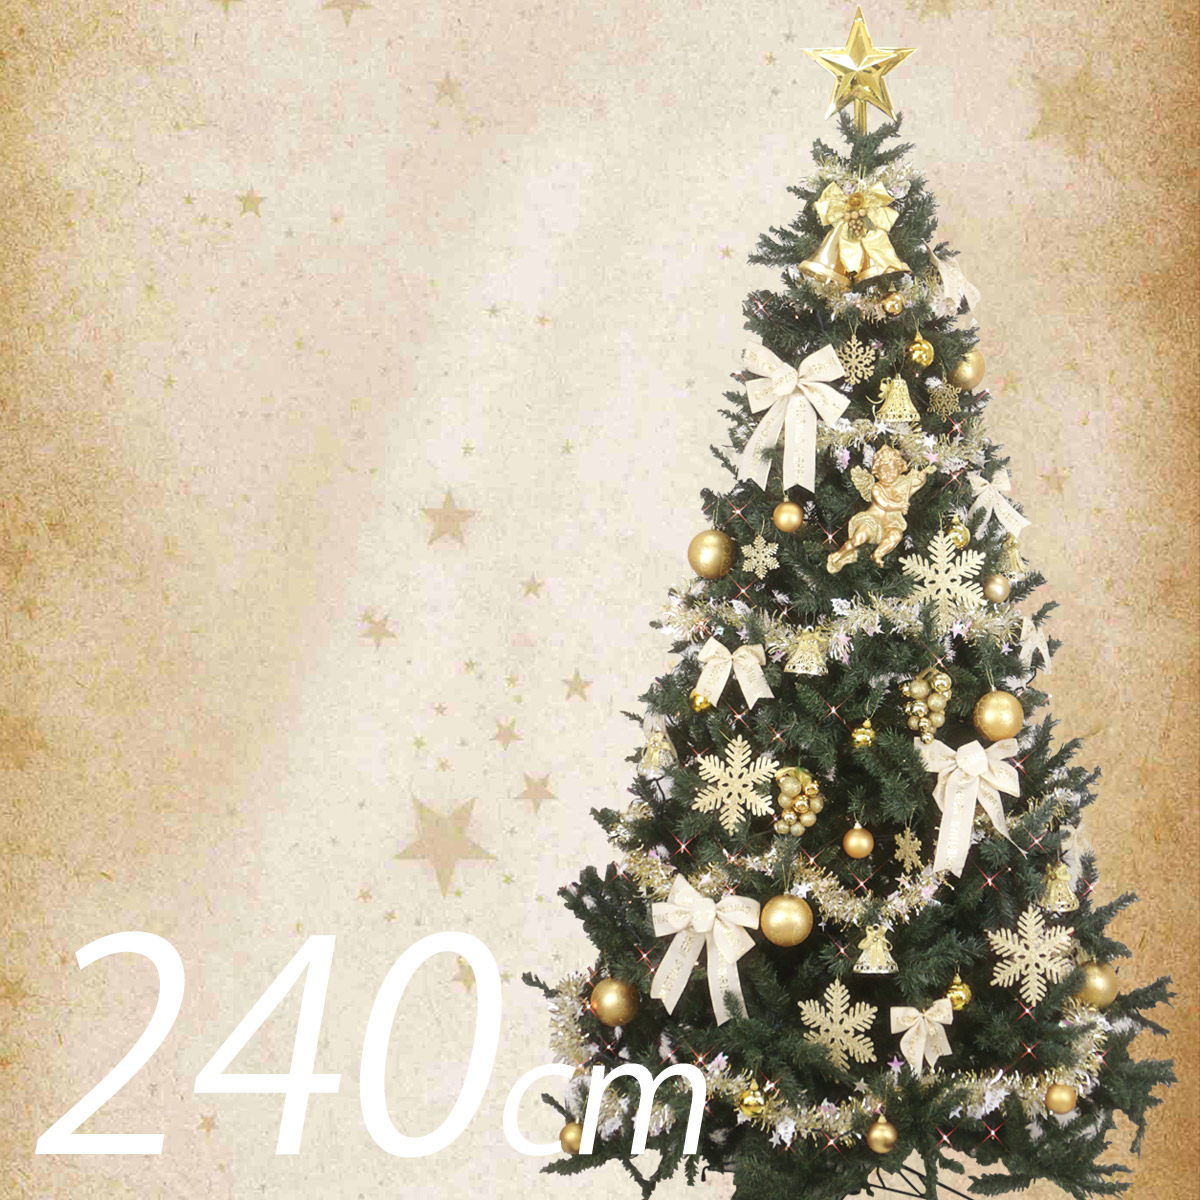 クリスマスツリー 240cm LED ゴールド&アイボリー ツリーセット グランデ 業務用 大型 北欧 おしゃれ 【10月下旬入荷予定】 【2個口】